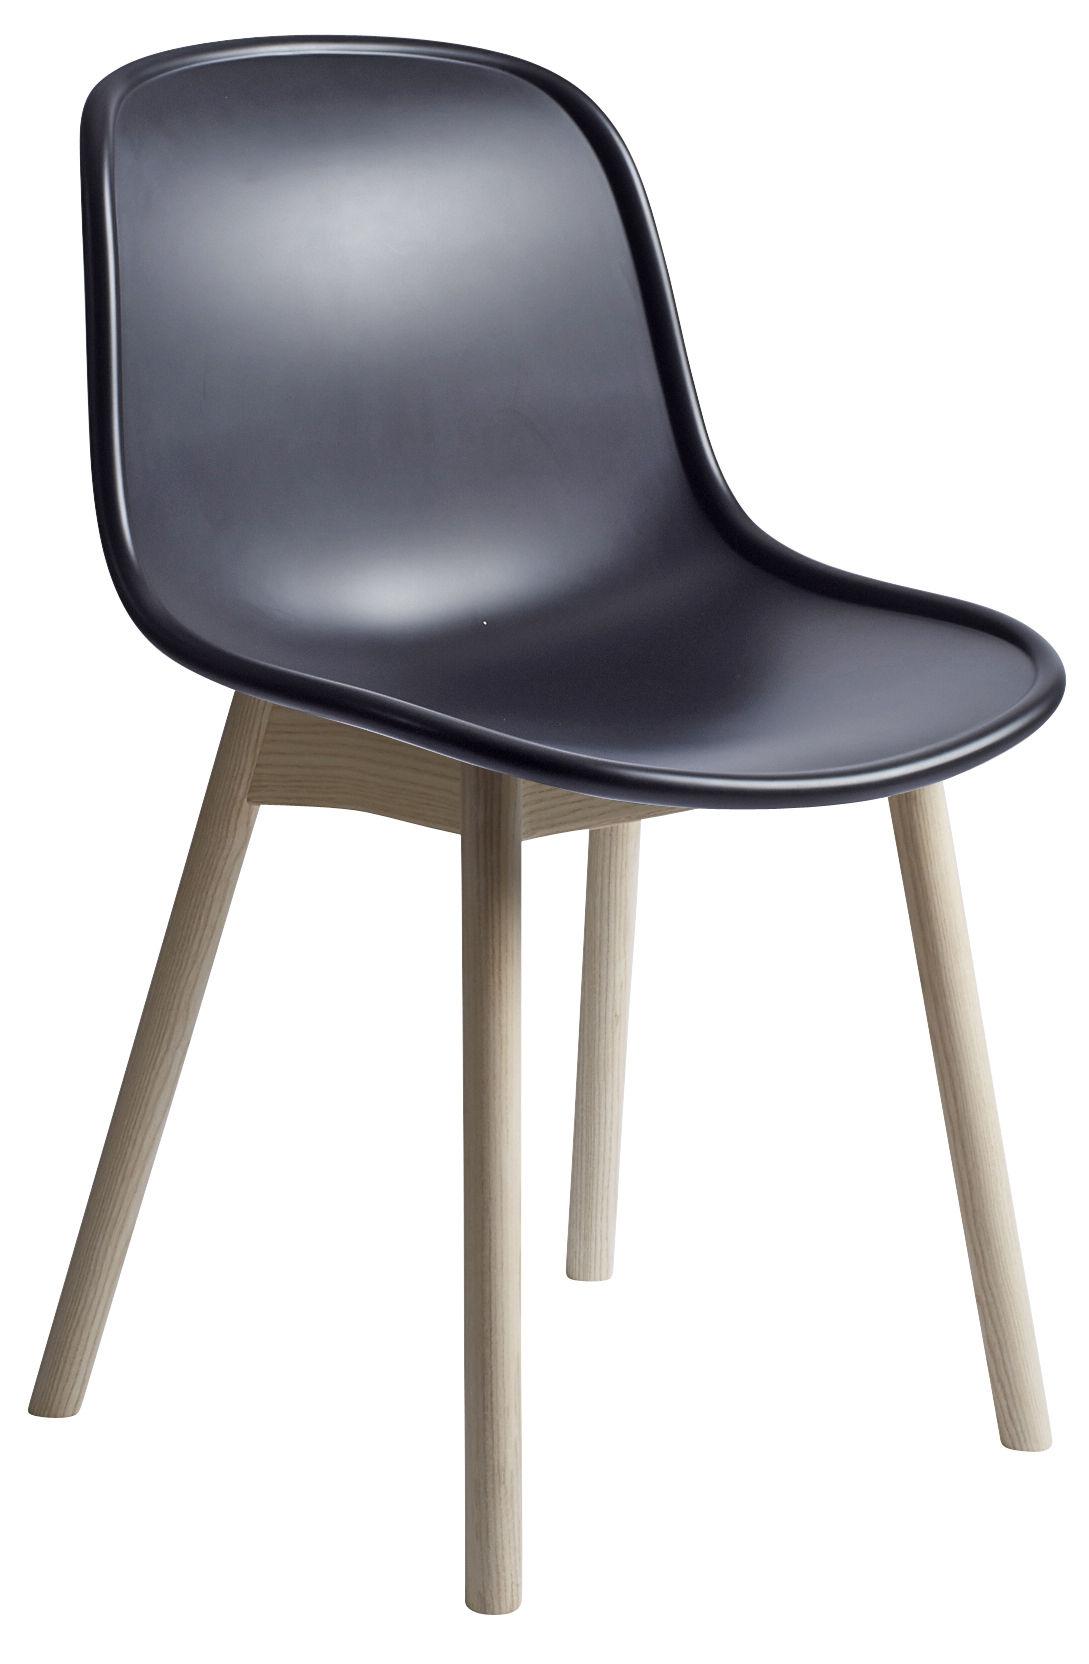 Chaise neu plastique pieds bois noir pieds bois hay for Chaise noir pied bois